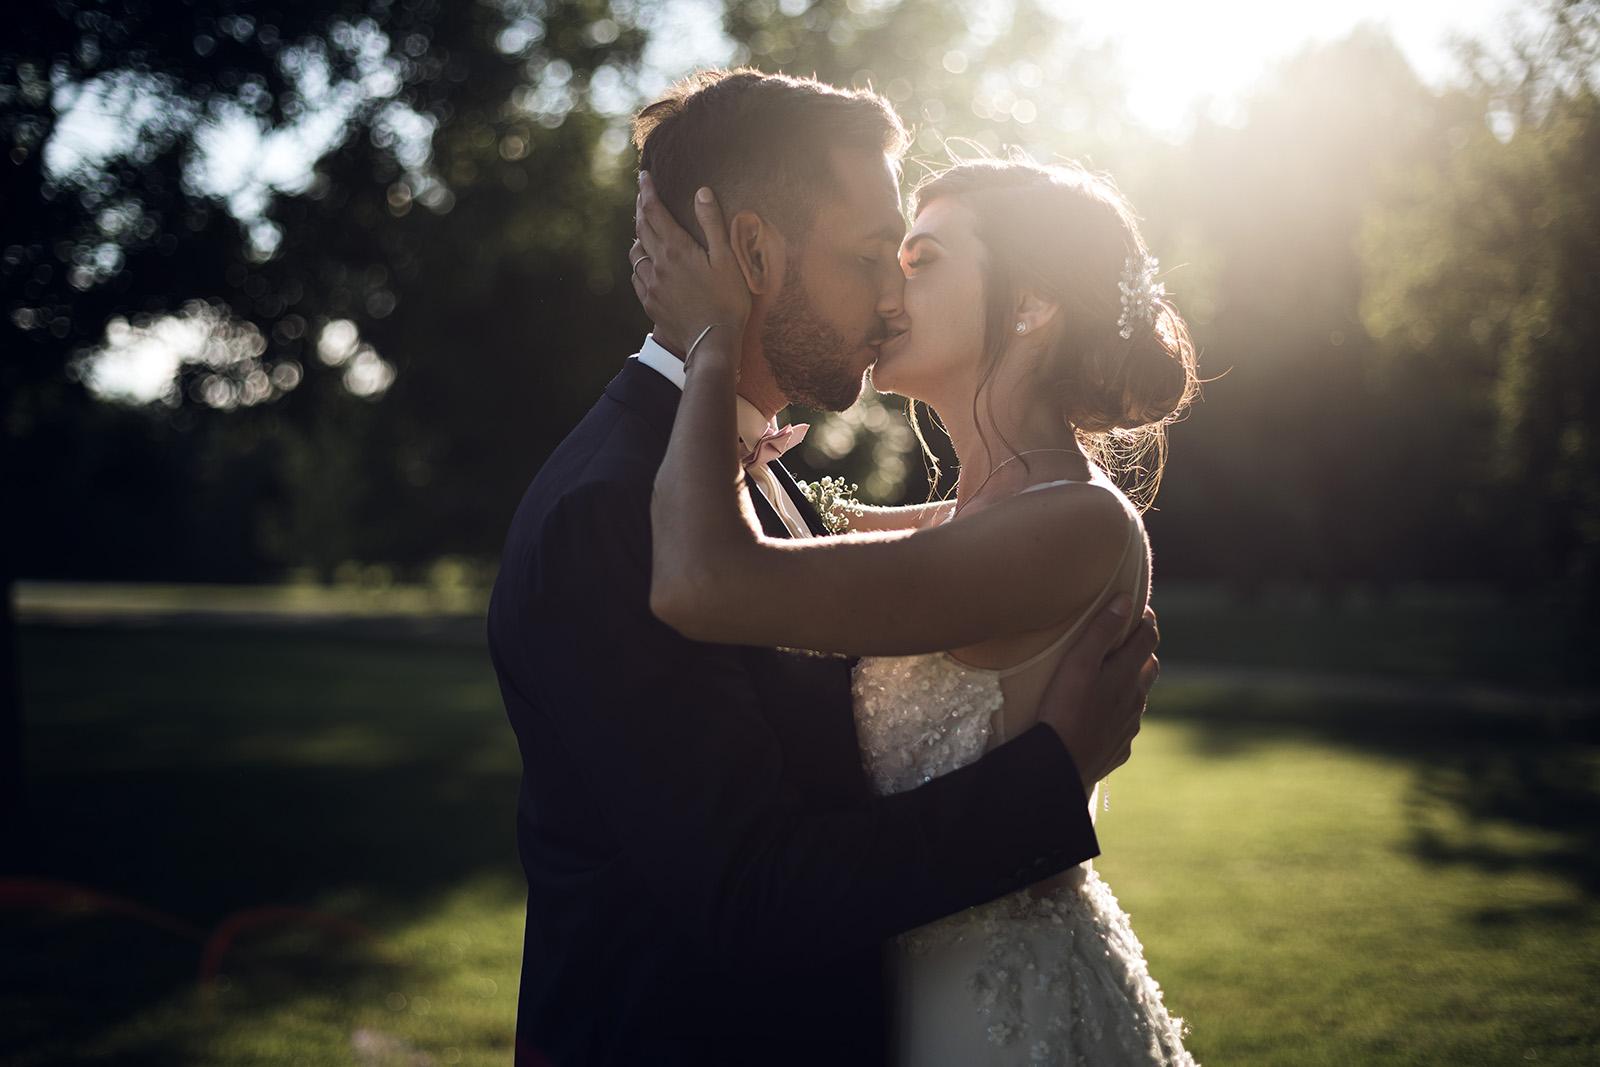 photographe-mariage-lyon-reportage-wedding-photographer-domaine-du-gouverneur-auvergne-rhone-alpes-elise-julliard-photo-de-couple-love-session-robe-de-mariee